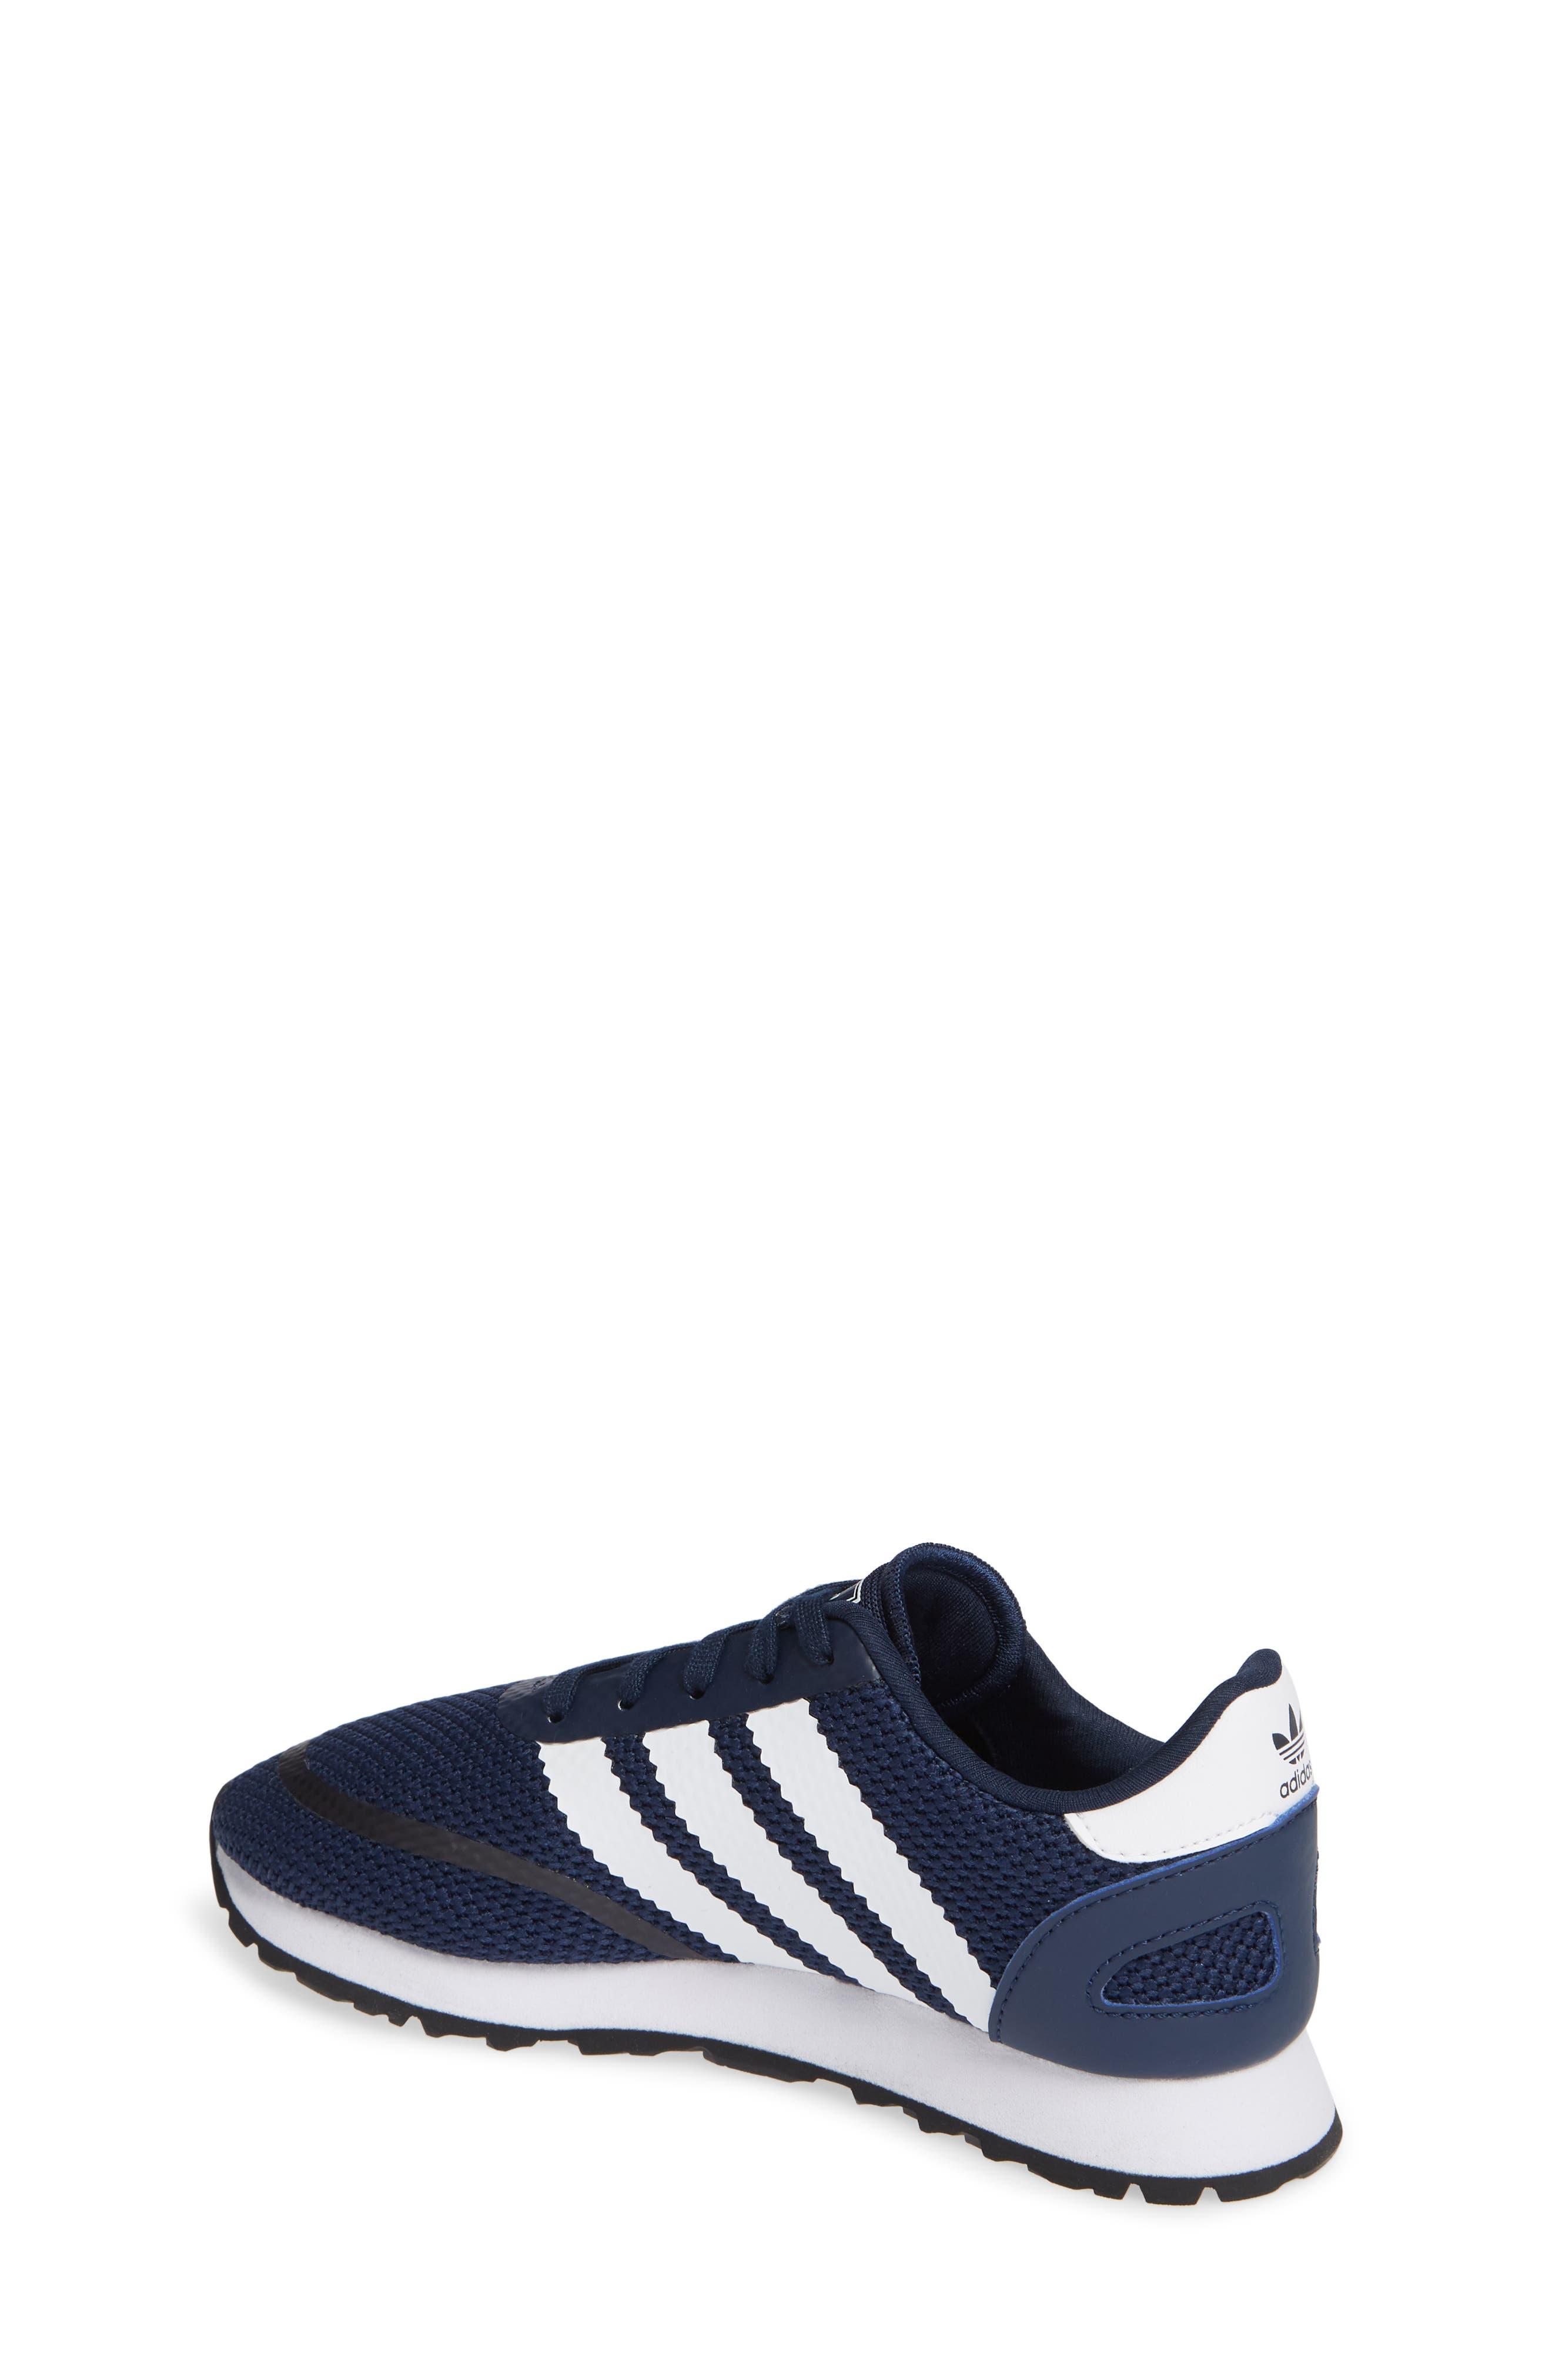 N-5923 Classic Sneaker,                             Alternate thumbnail 2, color,                             COLLEGIATE NAVY / WHITE